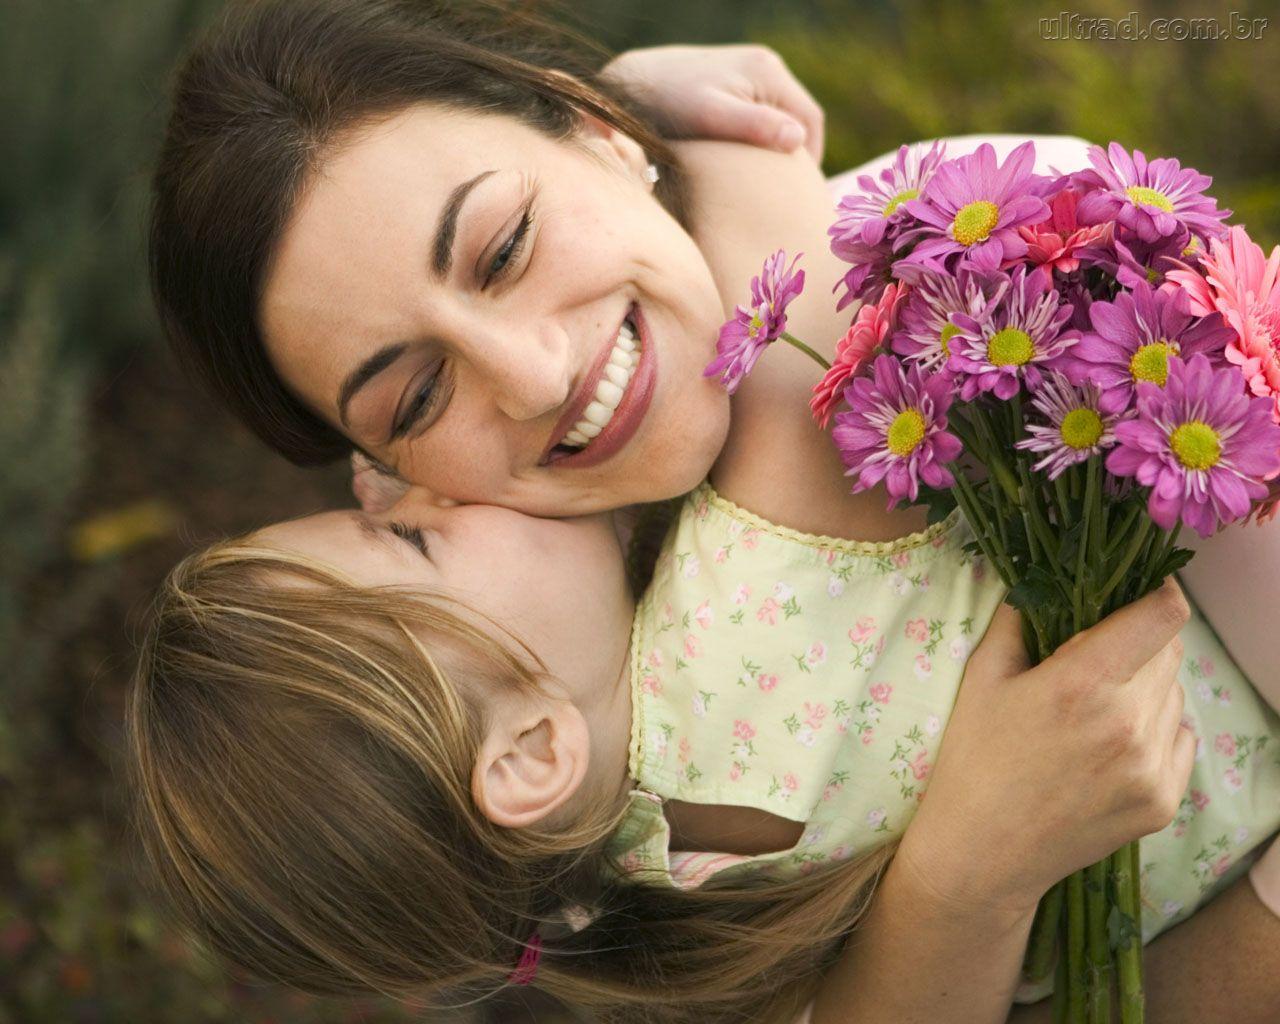 Frases De Amor De Pai Para Filha